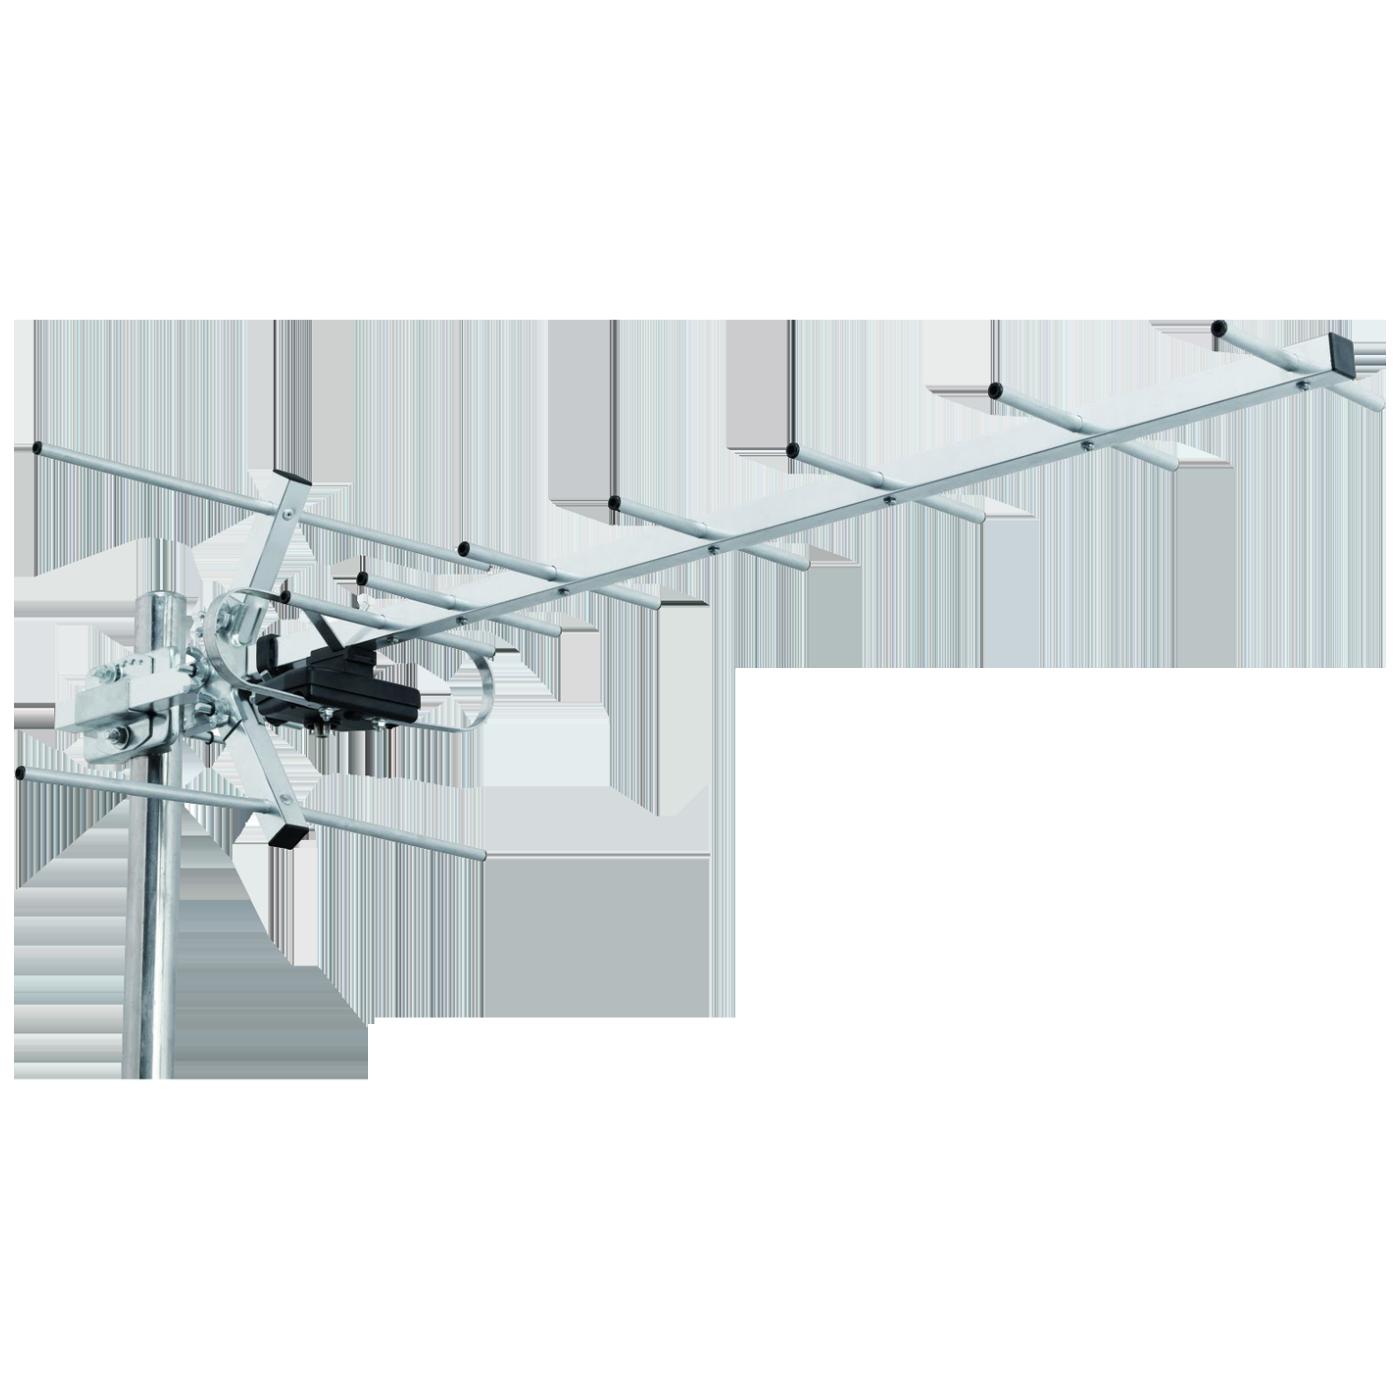 AHD-310 LTE